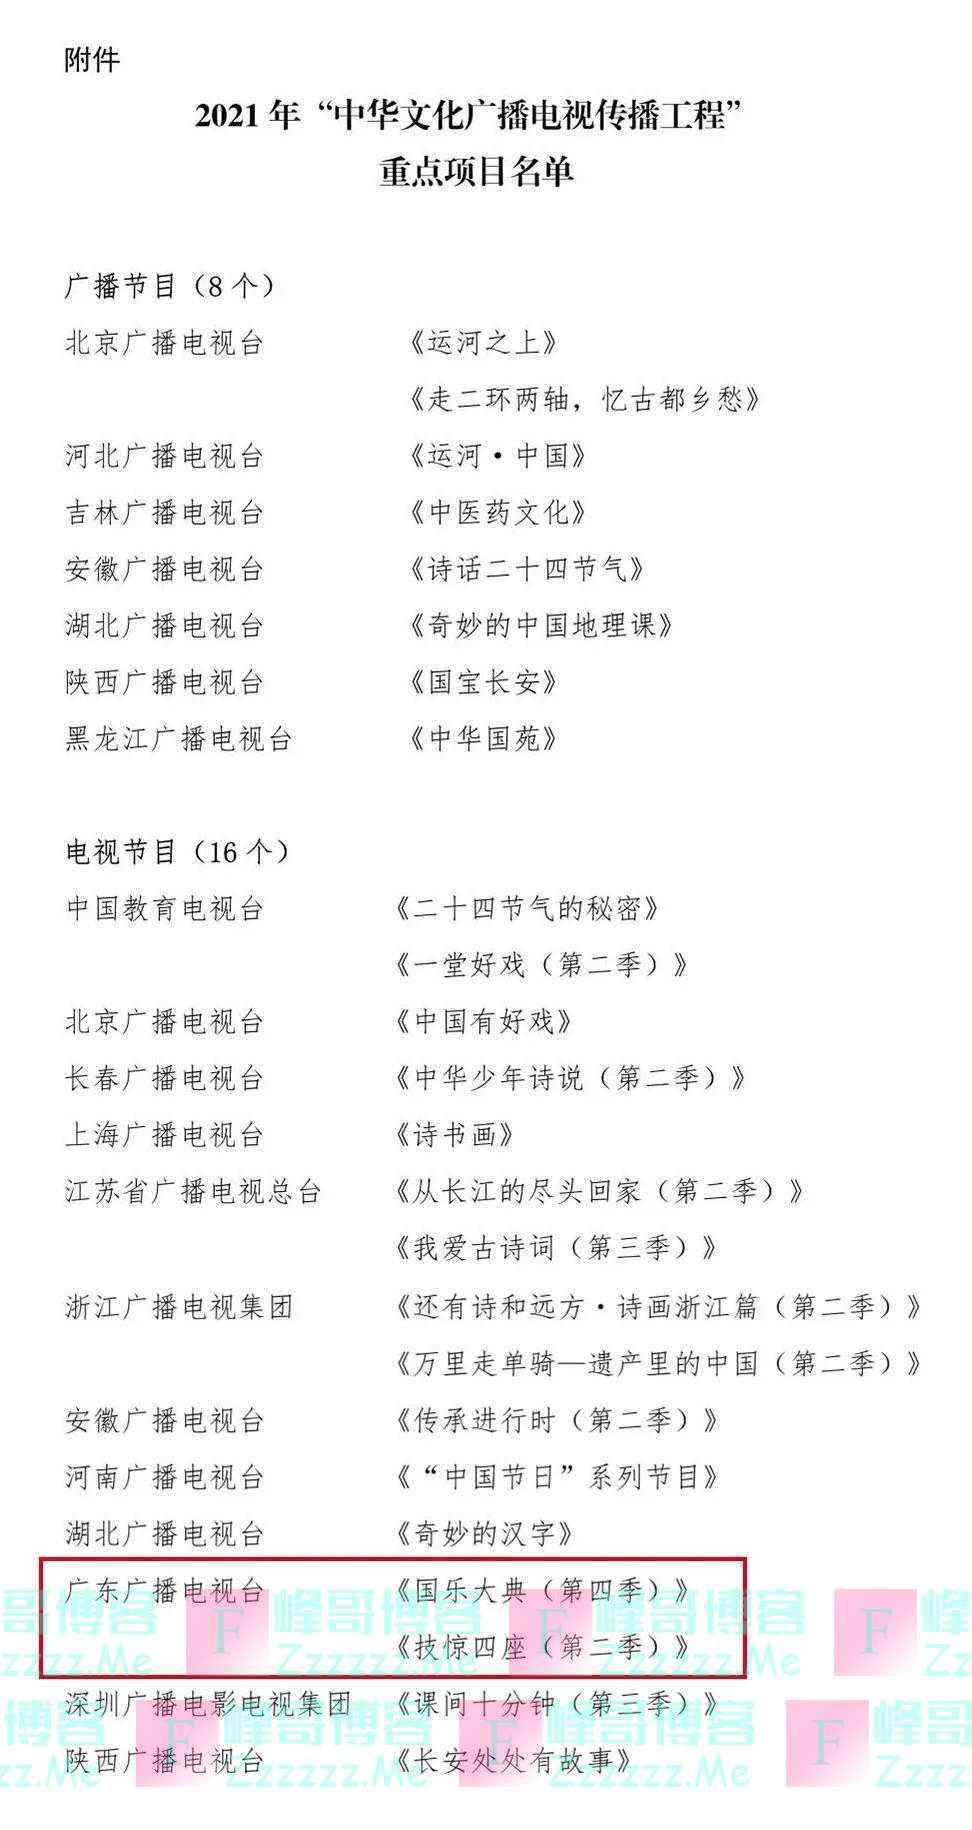 """喜讯!广东卫视两档节目入选2021年""""中华文化广播电视传播工程""""重点项目"""